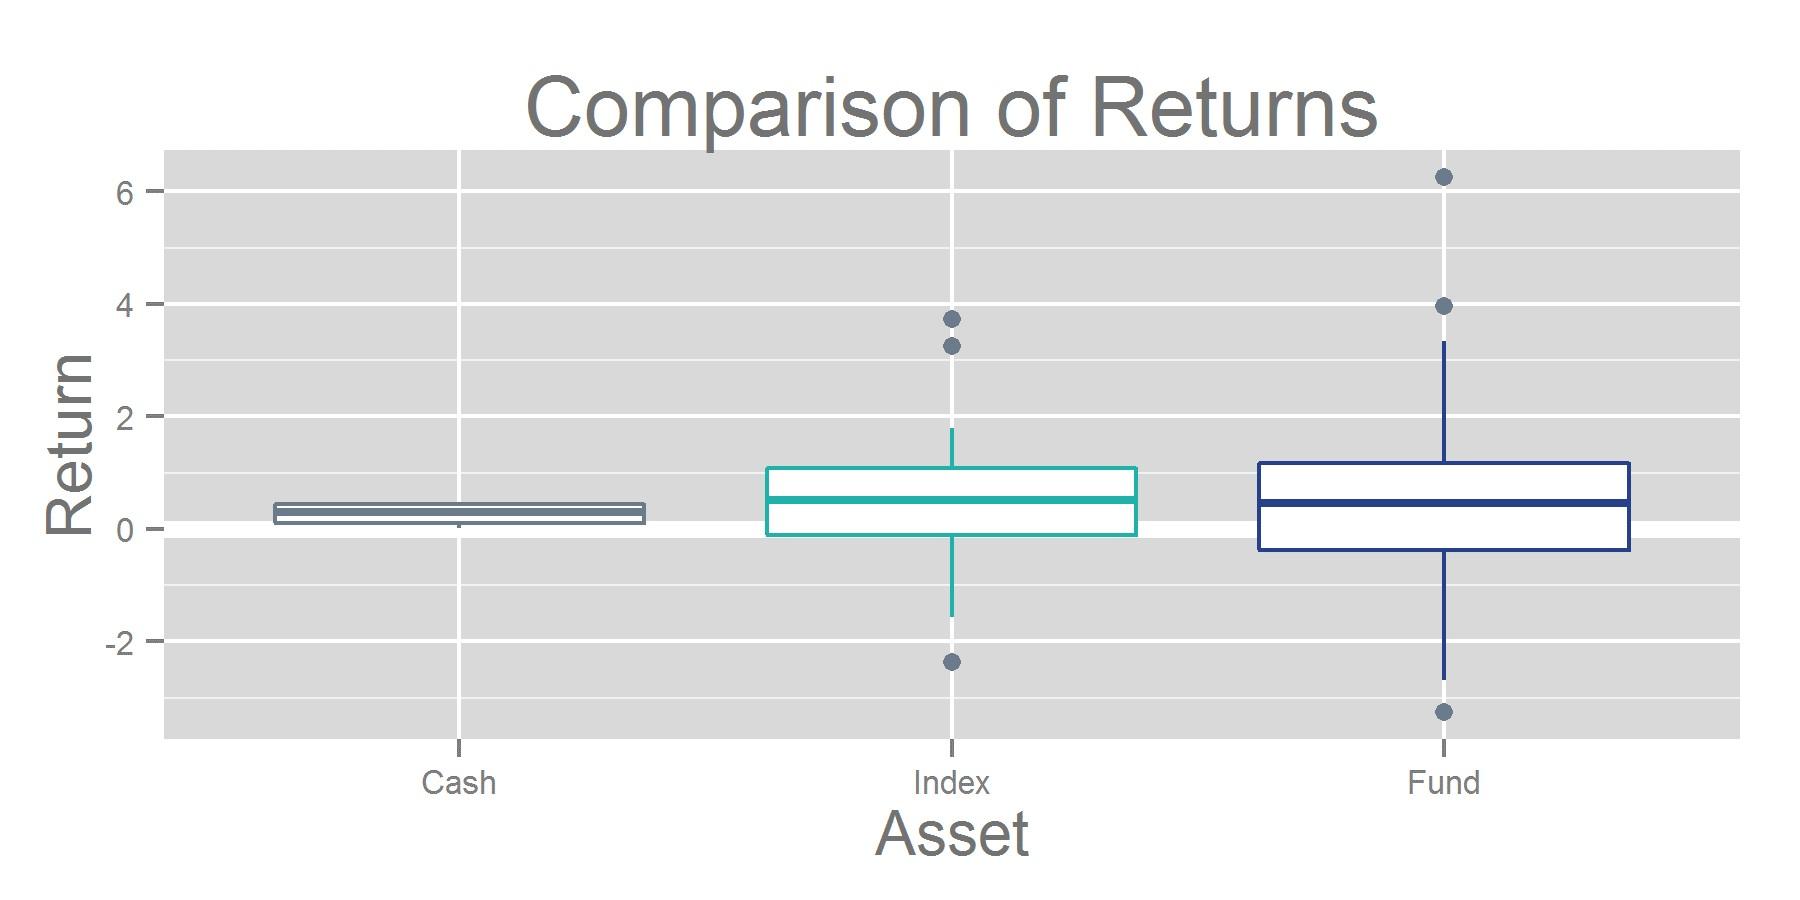 Comparison of Returns